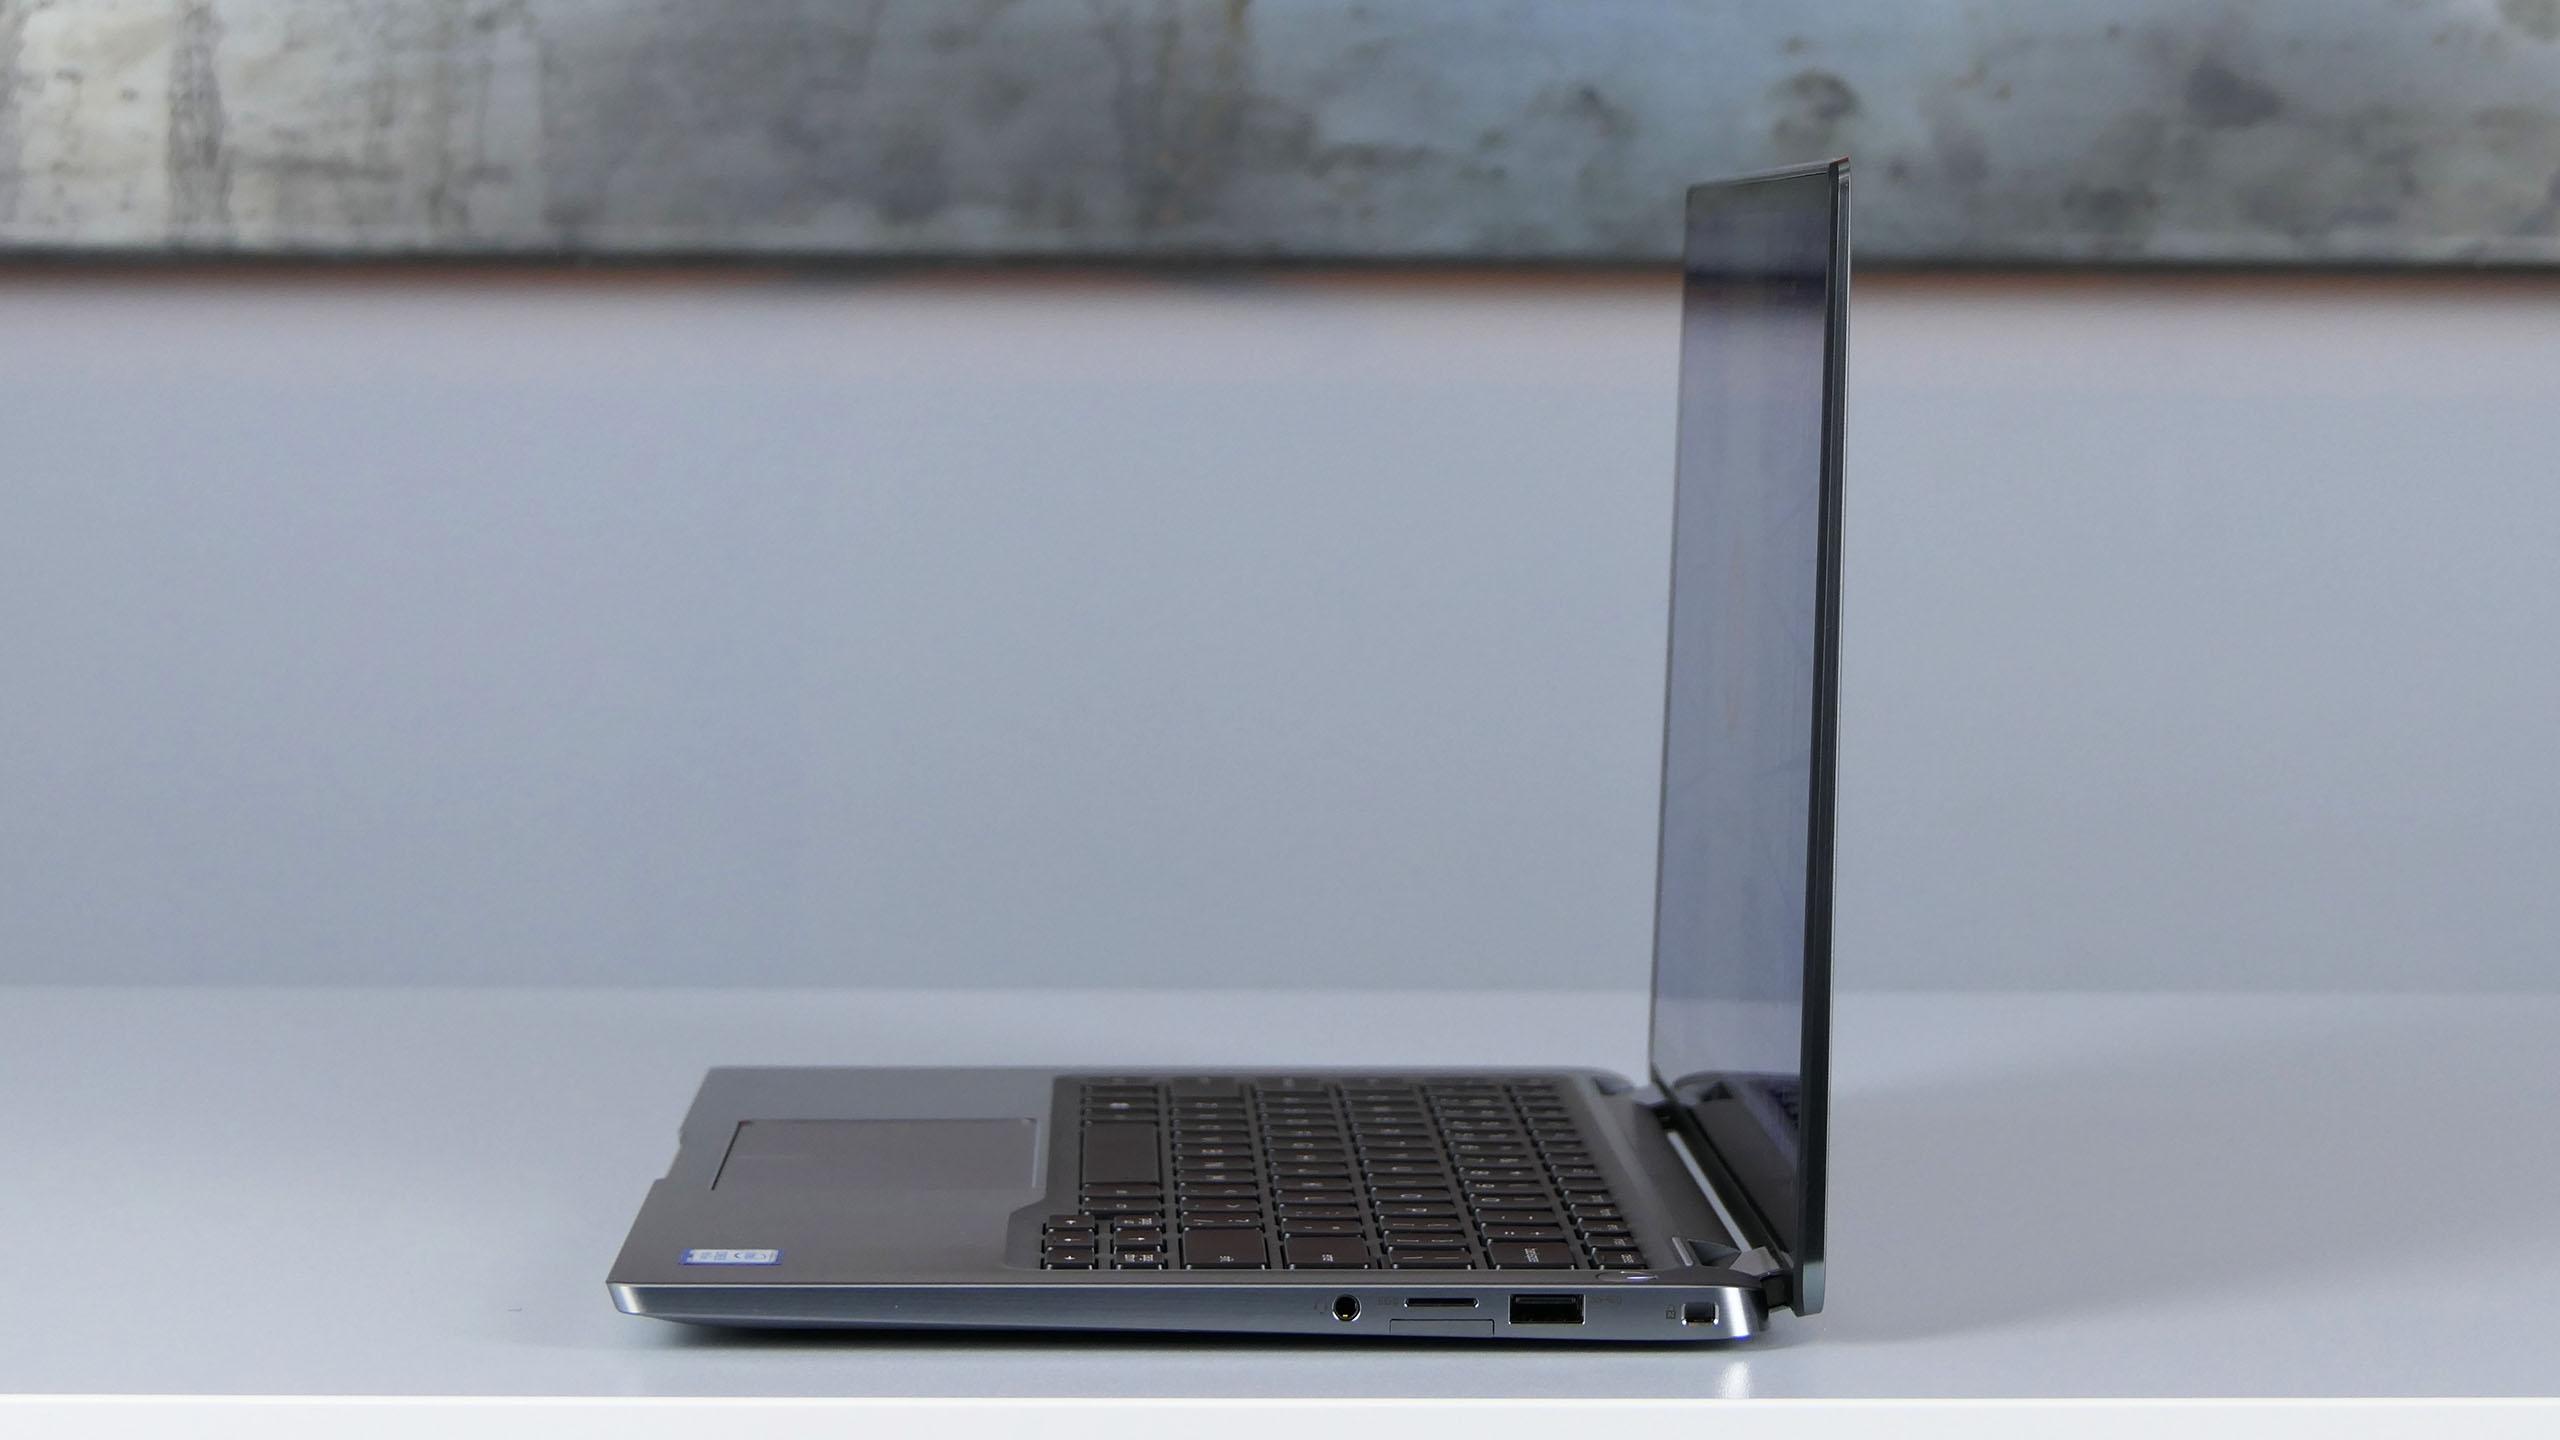 Dell Latitude 7400 2 in 1